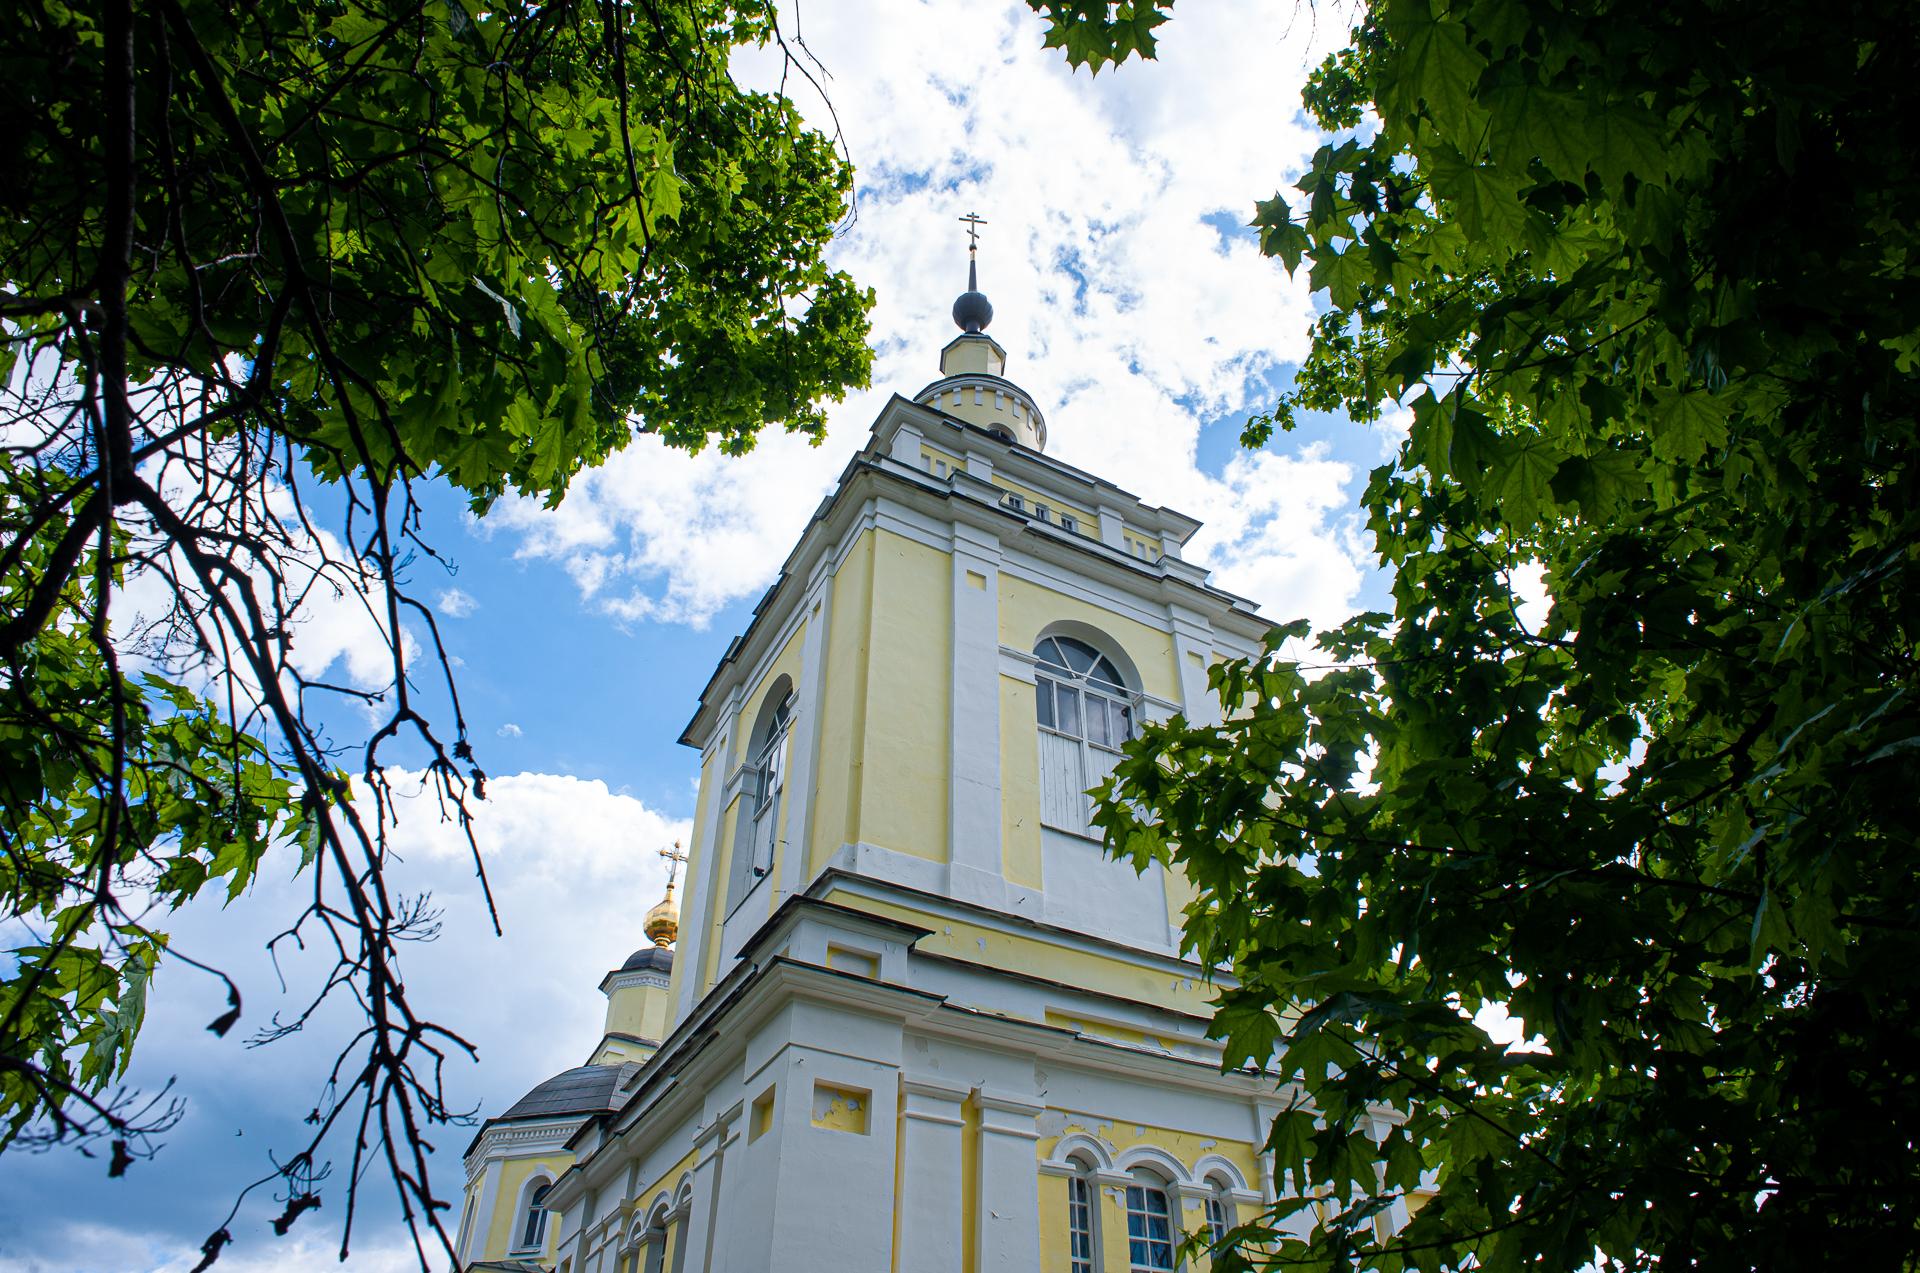 Руза,Церковь Покрова Пресвятой Богородицы